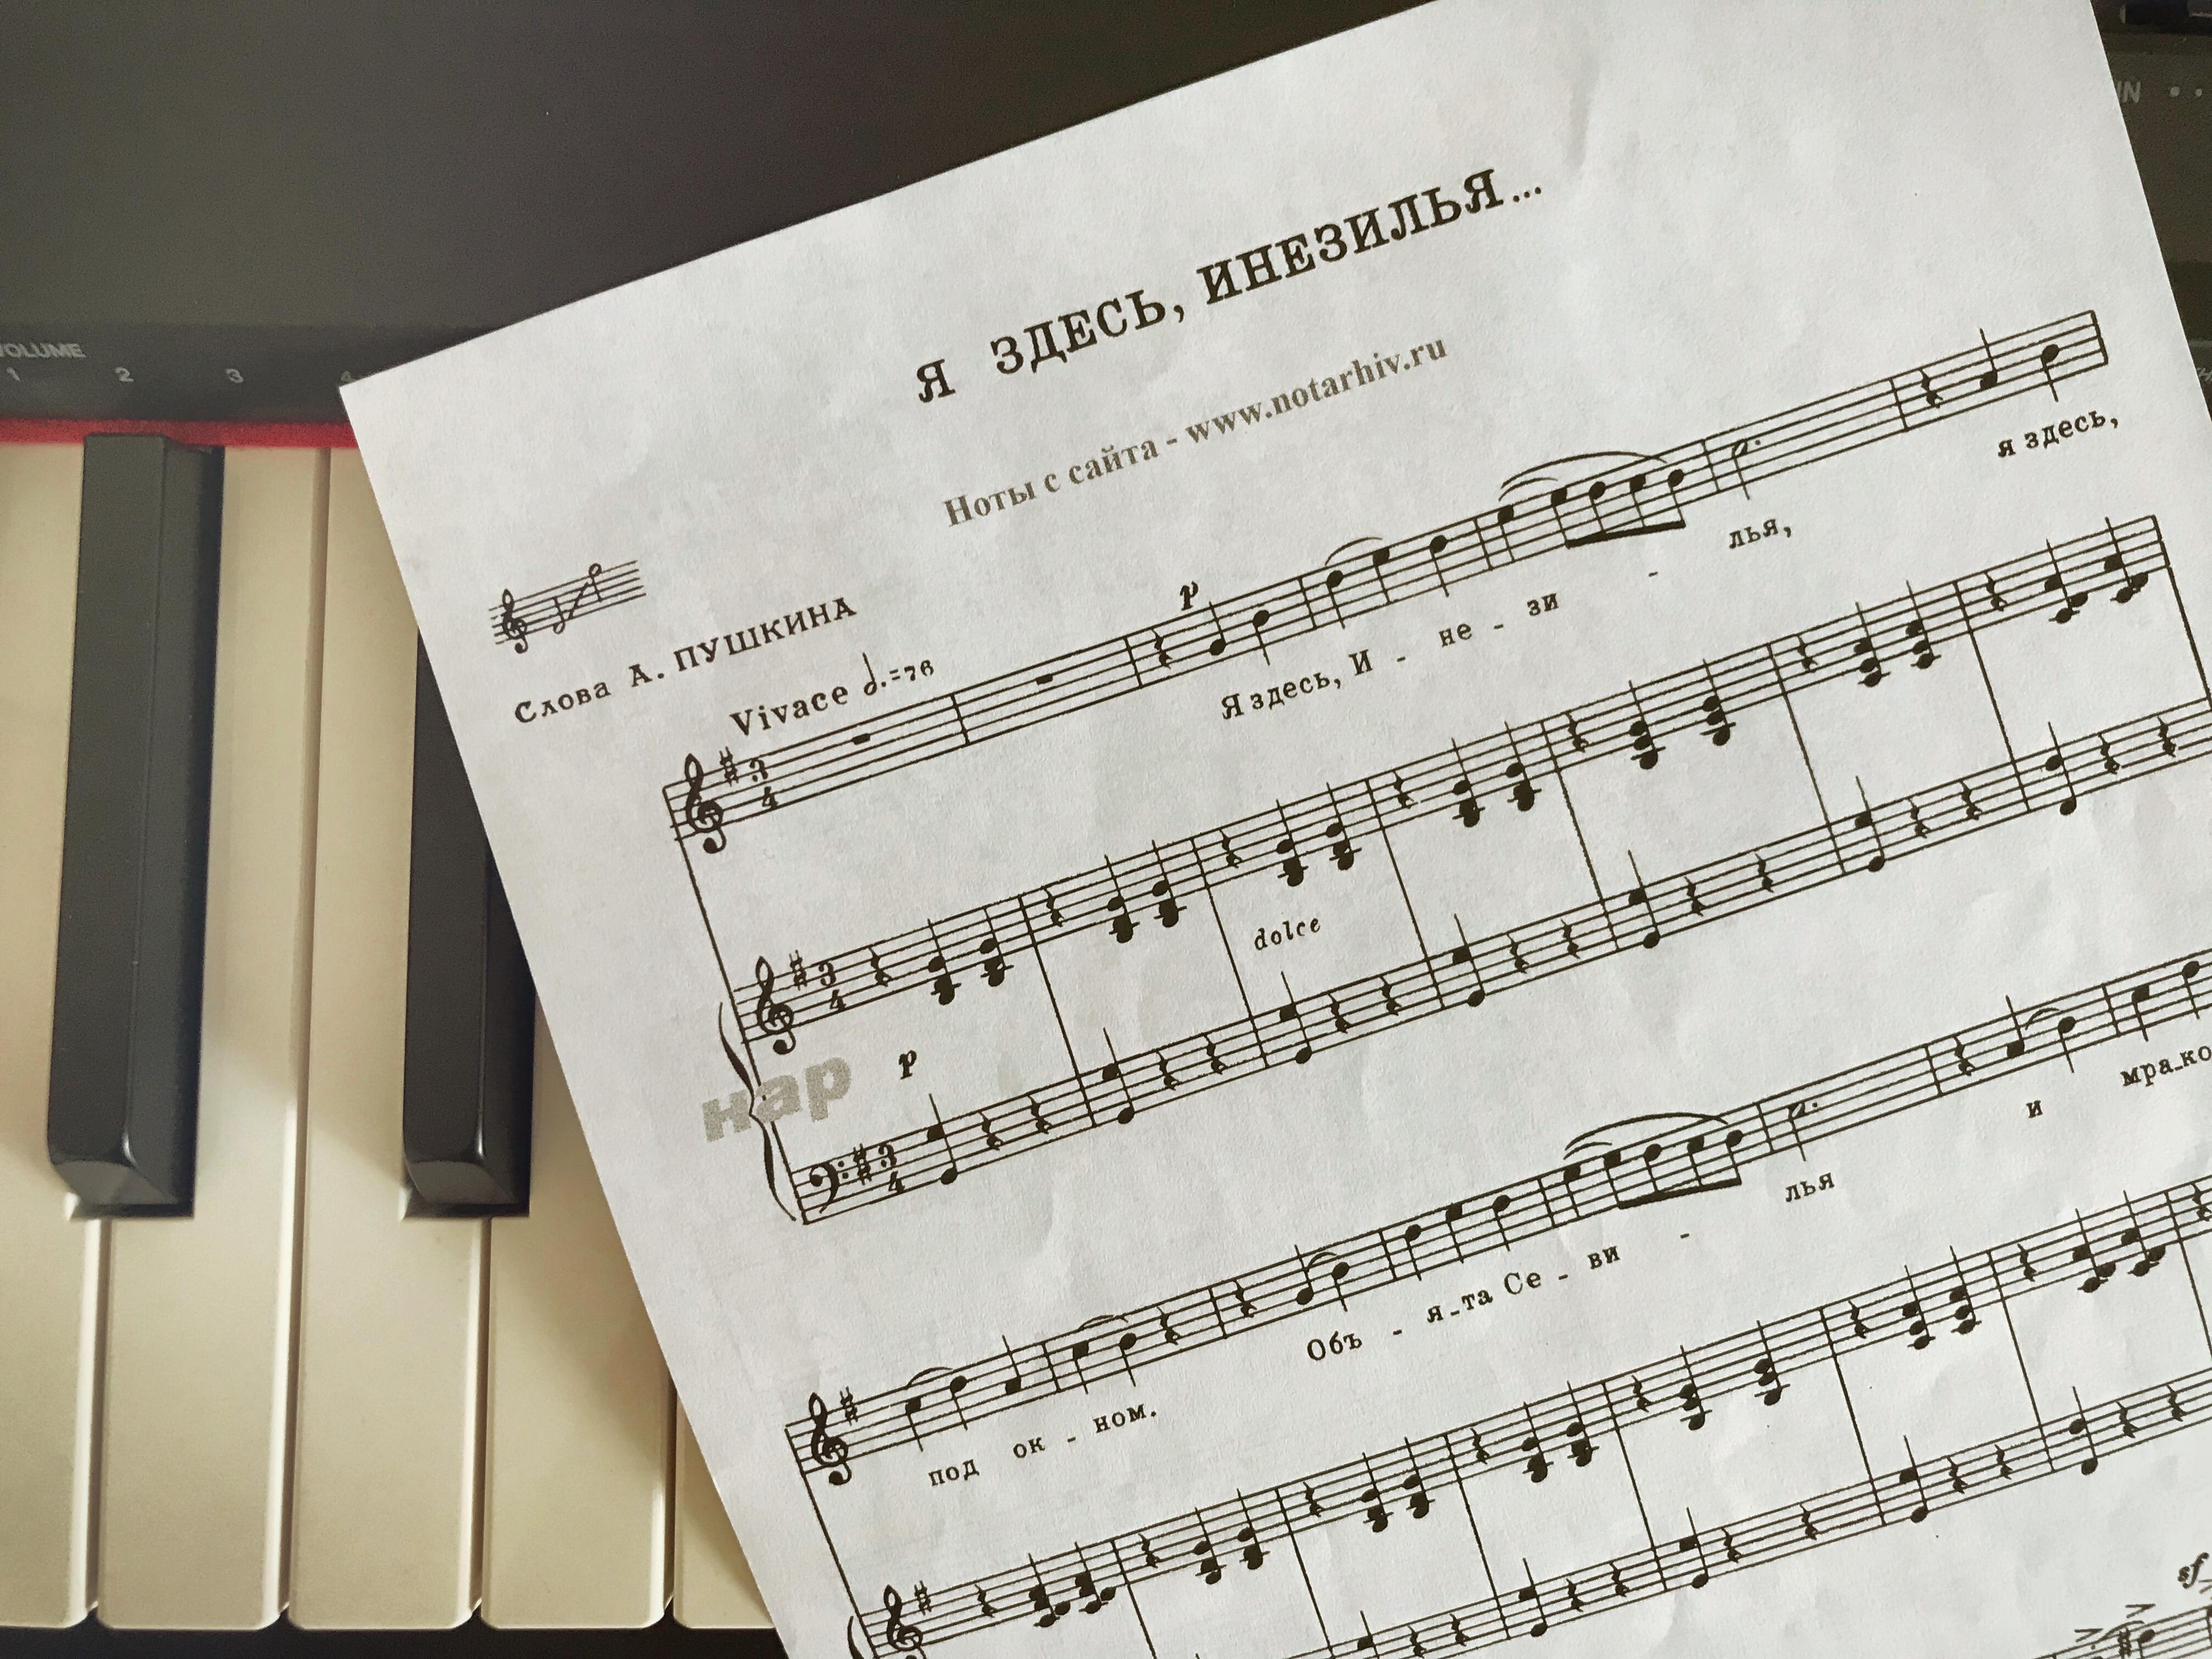 kscheib gesangsunterricht auf russisch